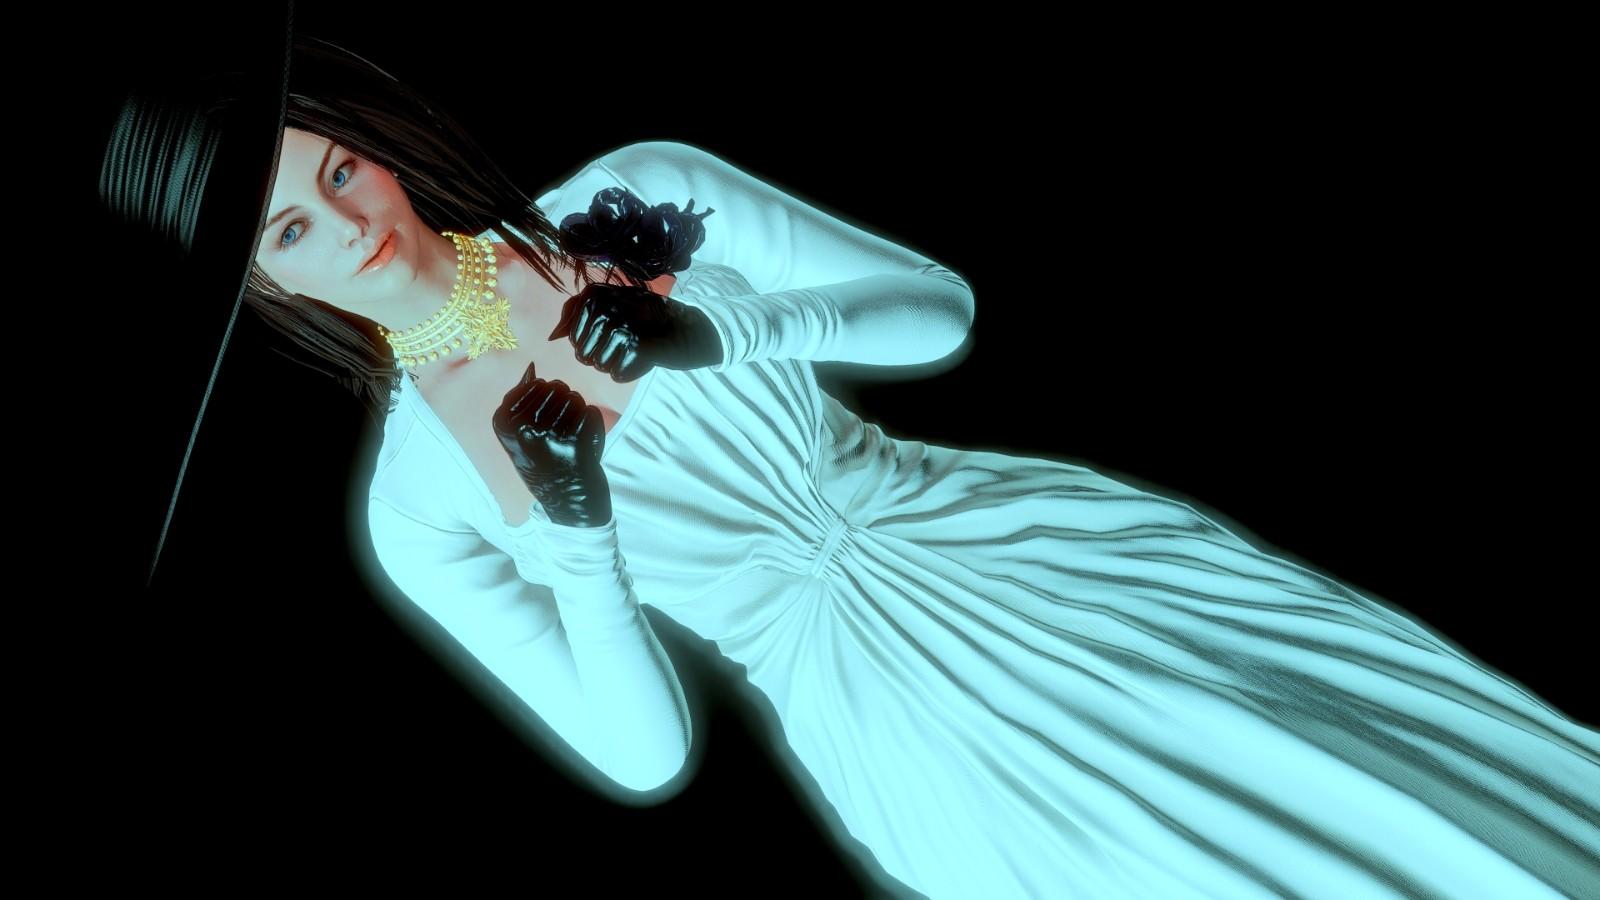 《辐射4》新Mod:《生化危机8》性感贵妇人乱入